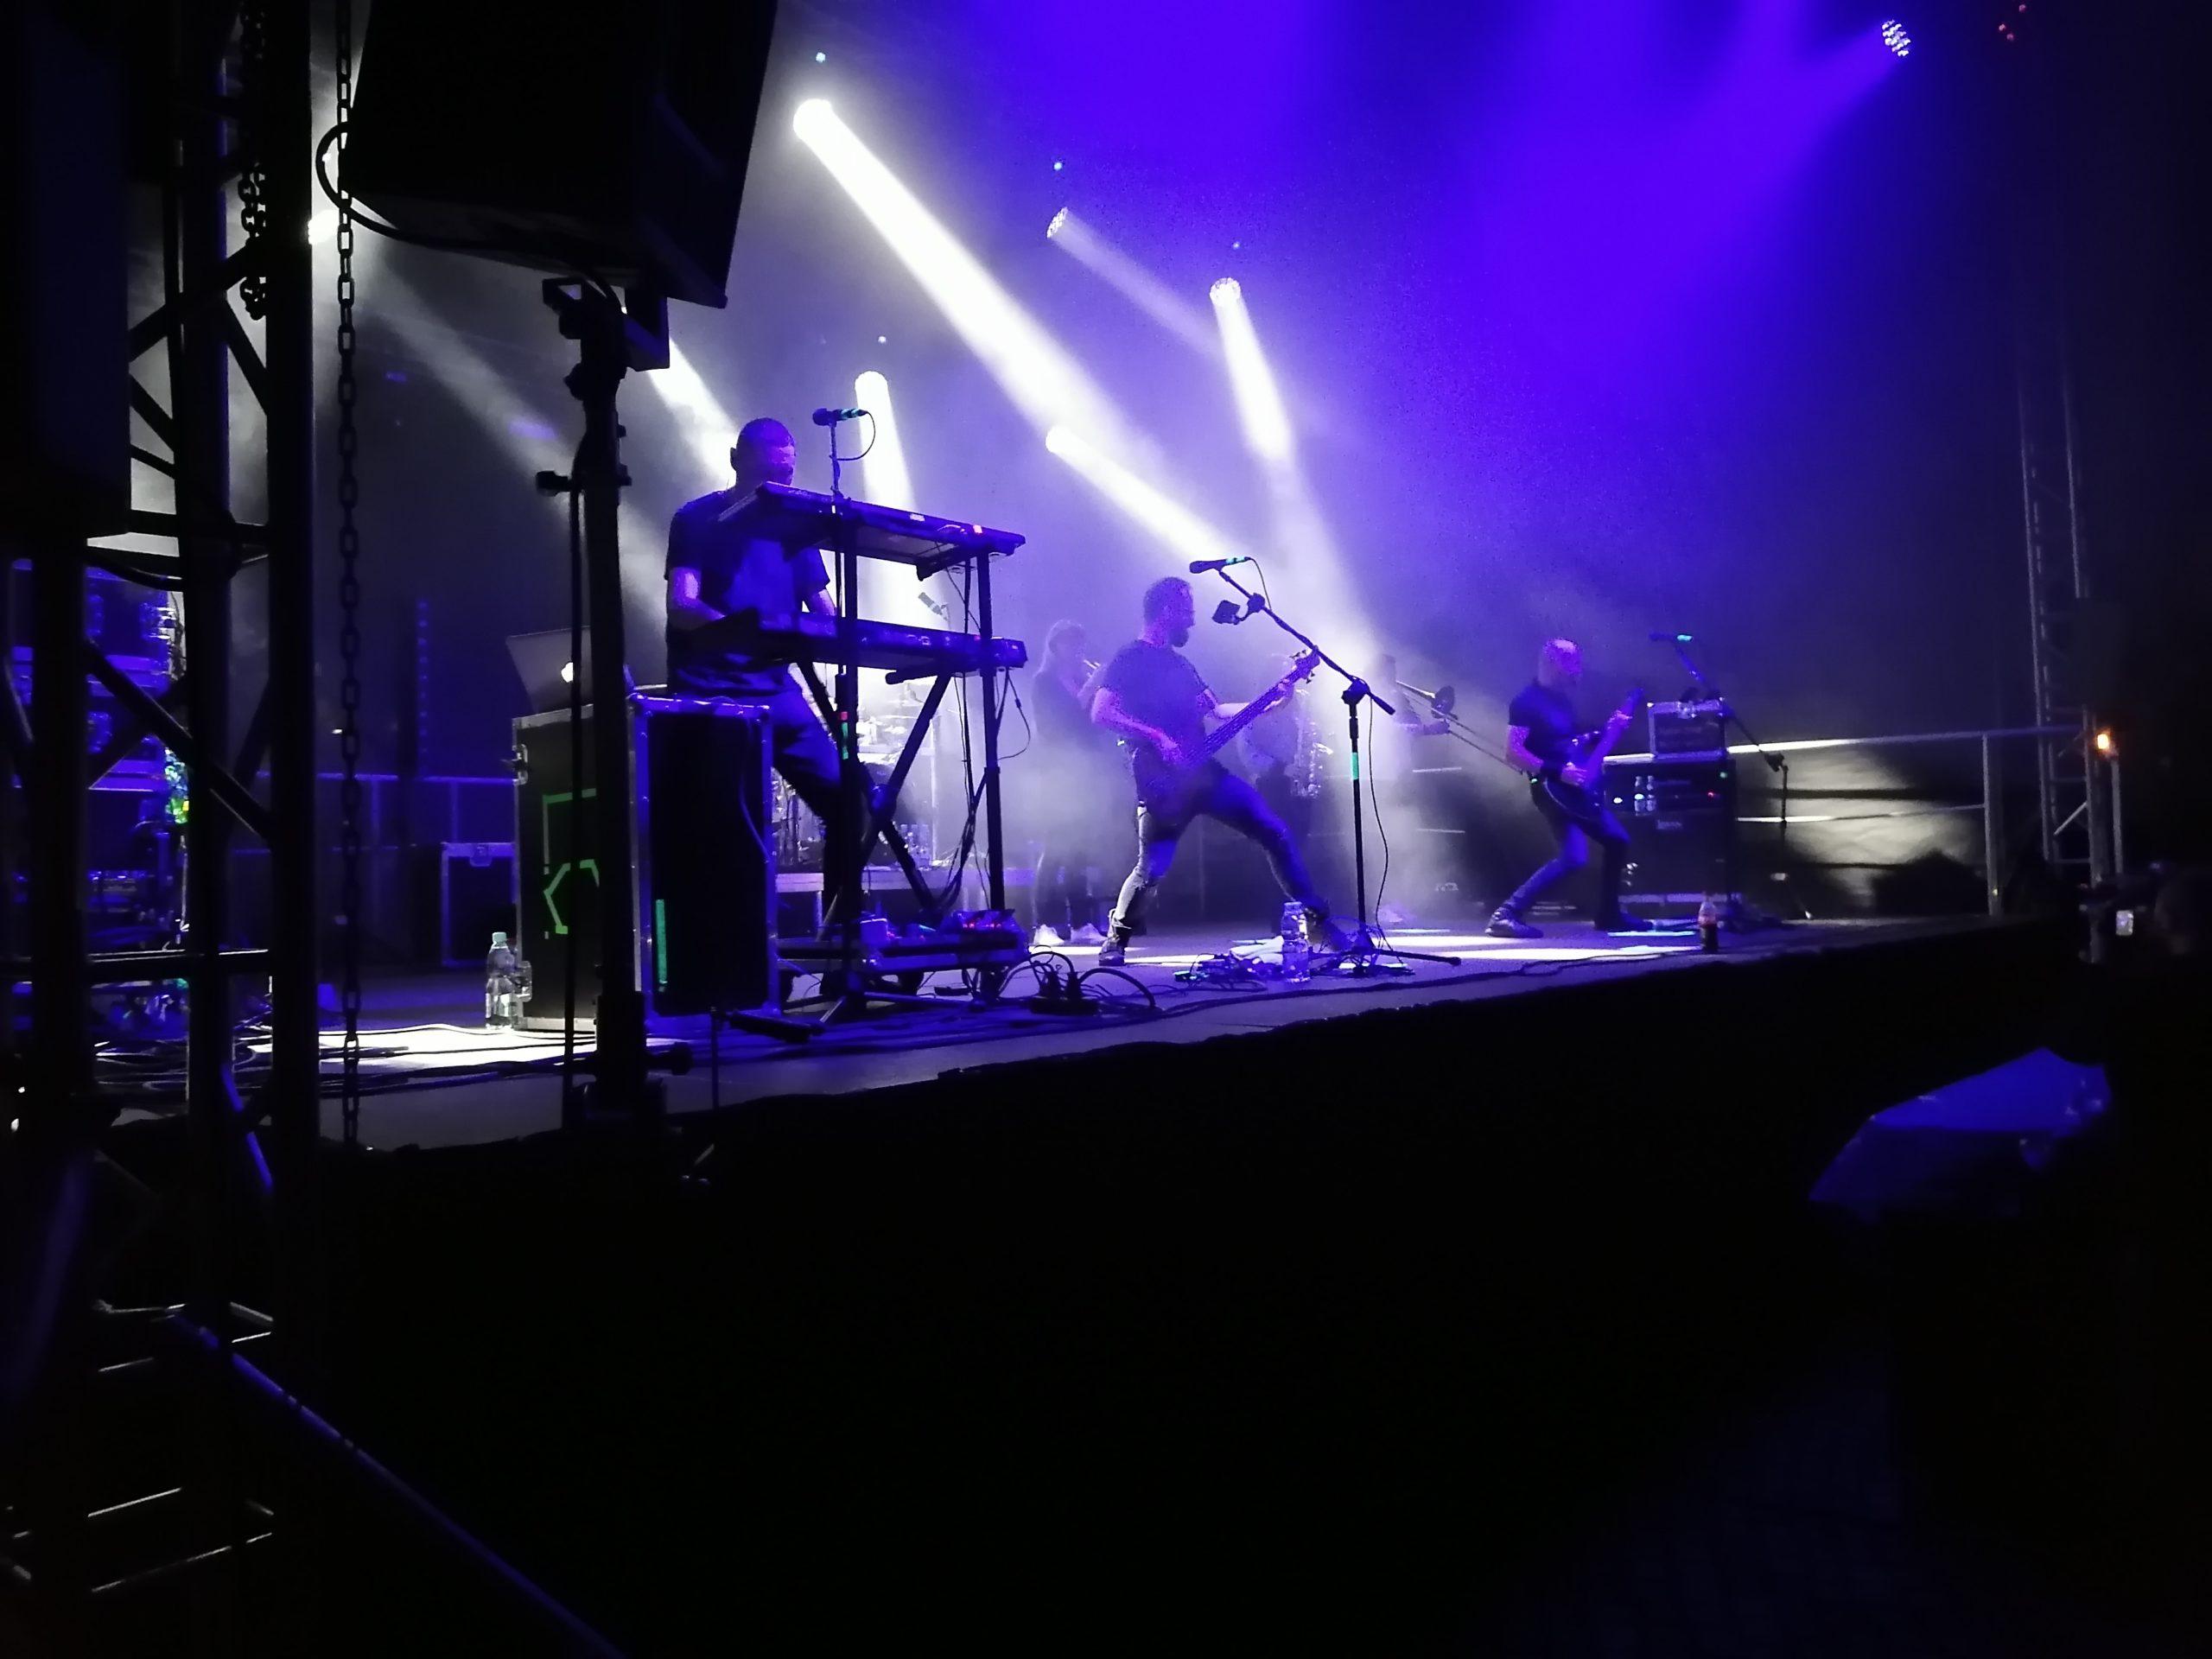 faktoria kultury 2021 ix lydka grubasa koncert gdynia grupa igielski ochrona scaled